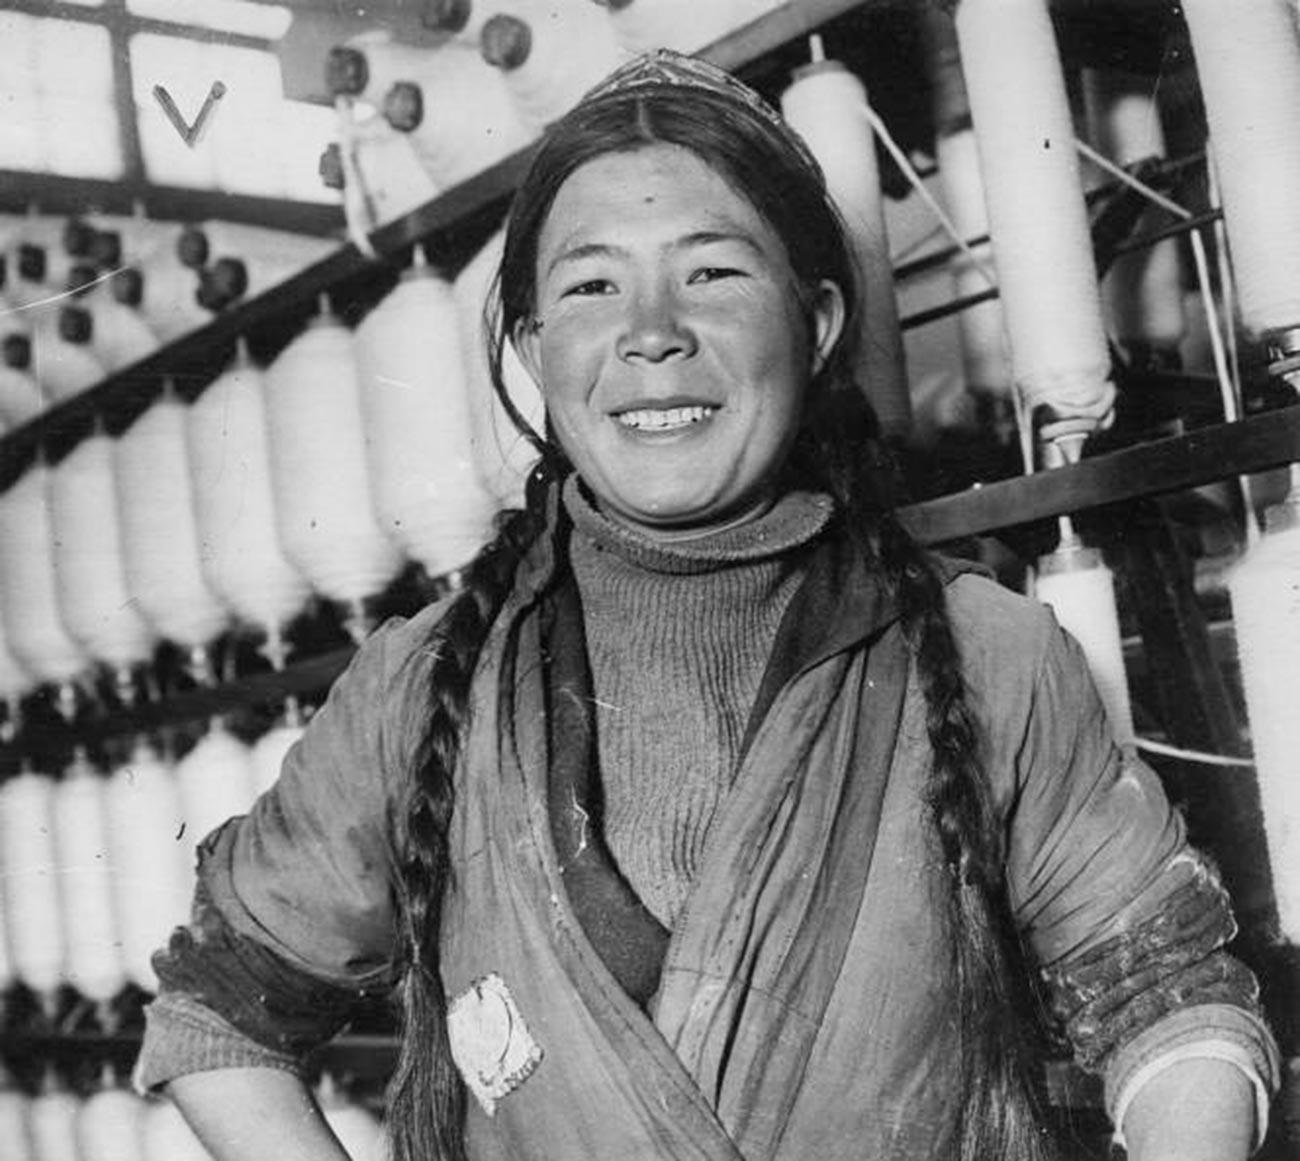 Stakhanov Gemulin Geledzhiyeva dari Tajikistan, 1936.